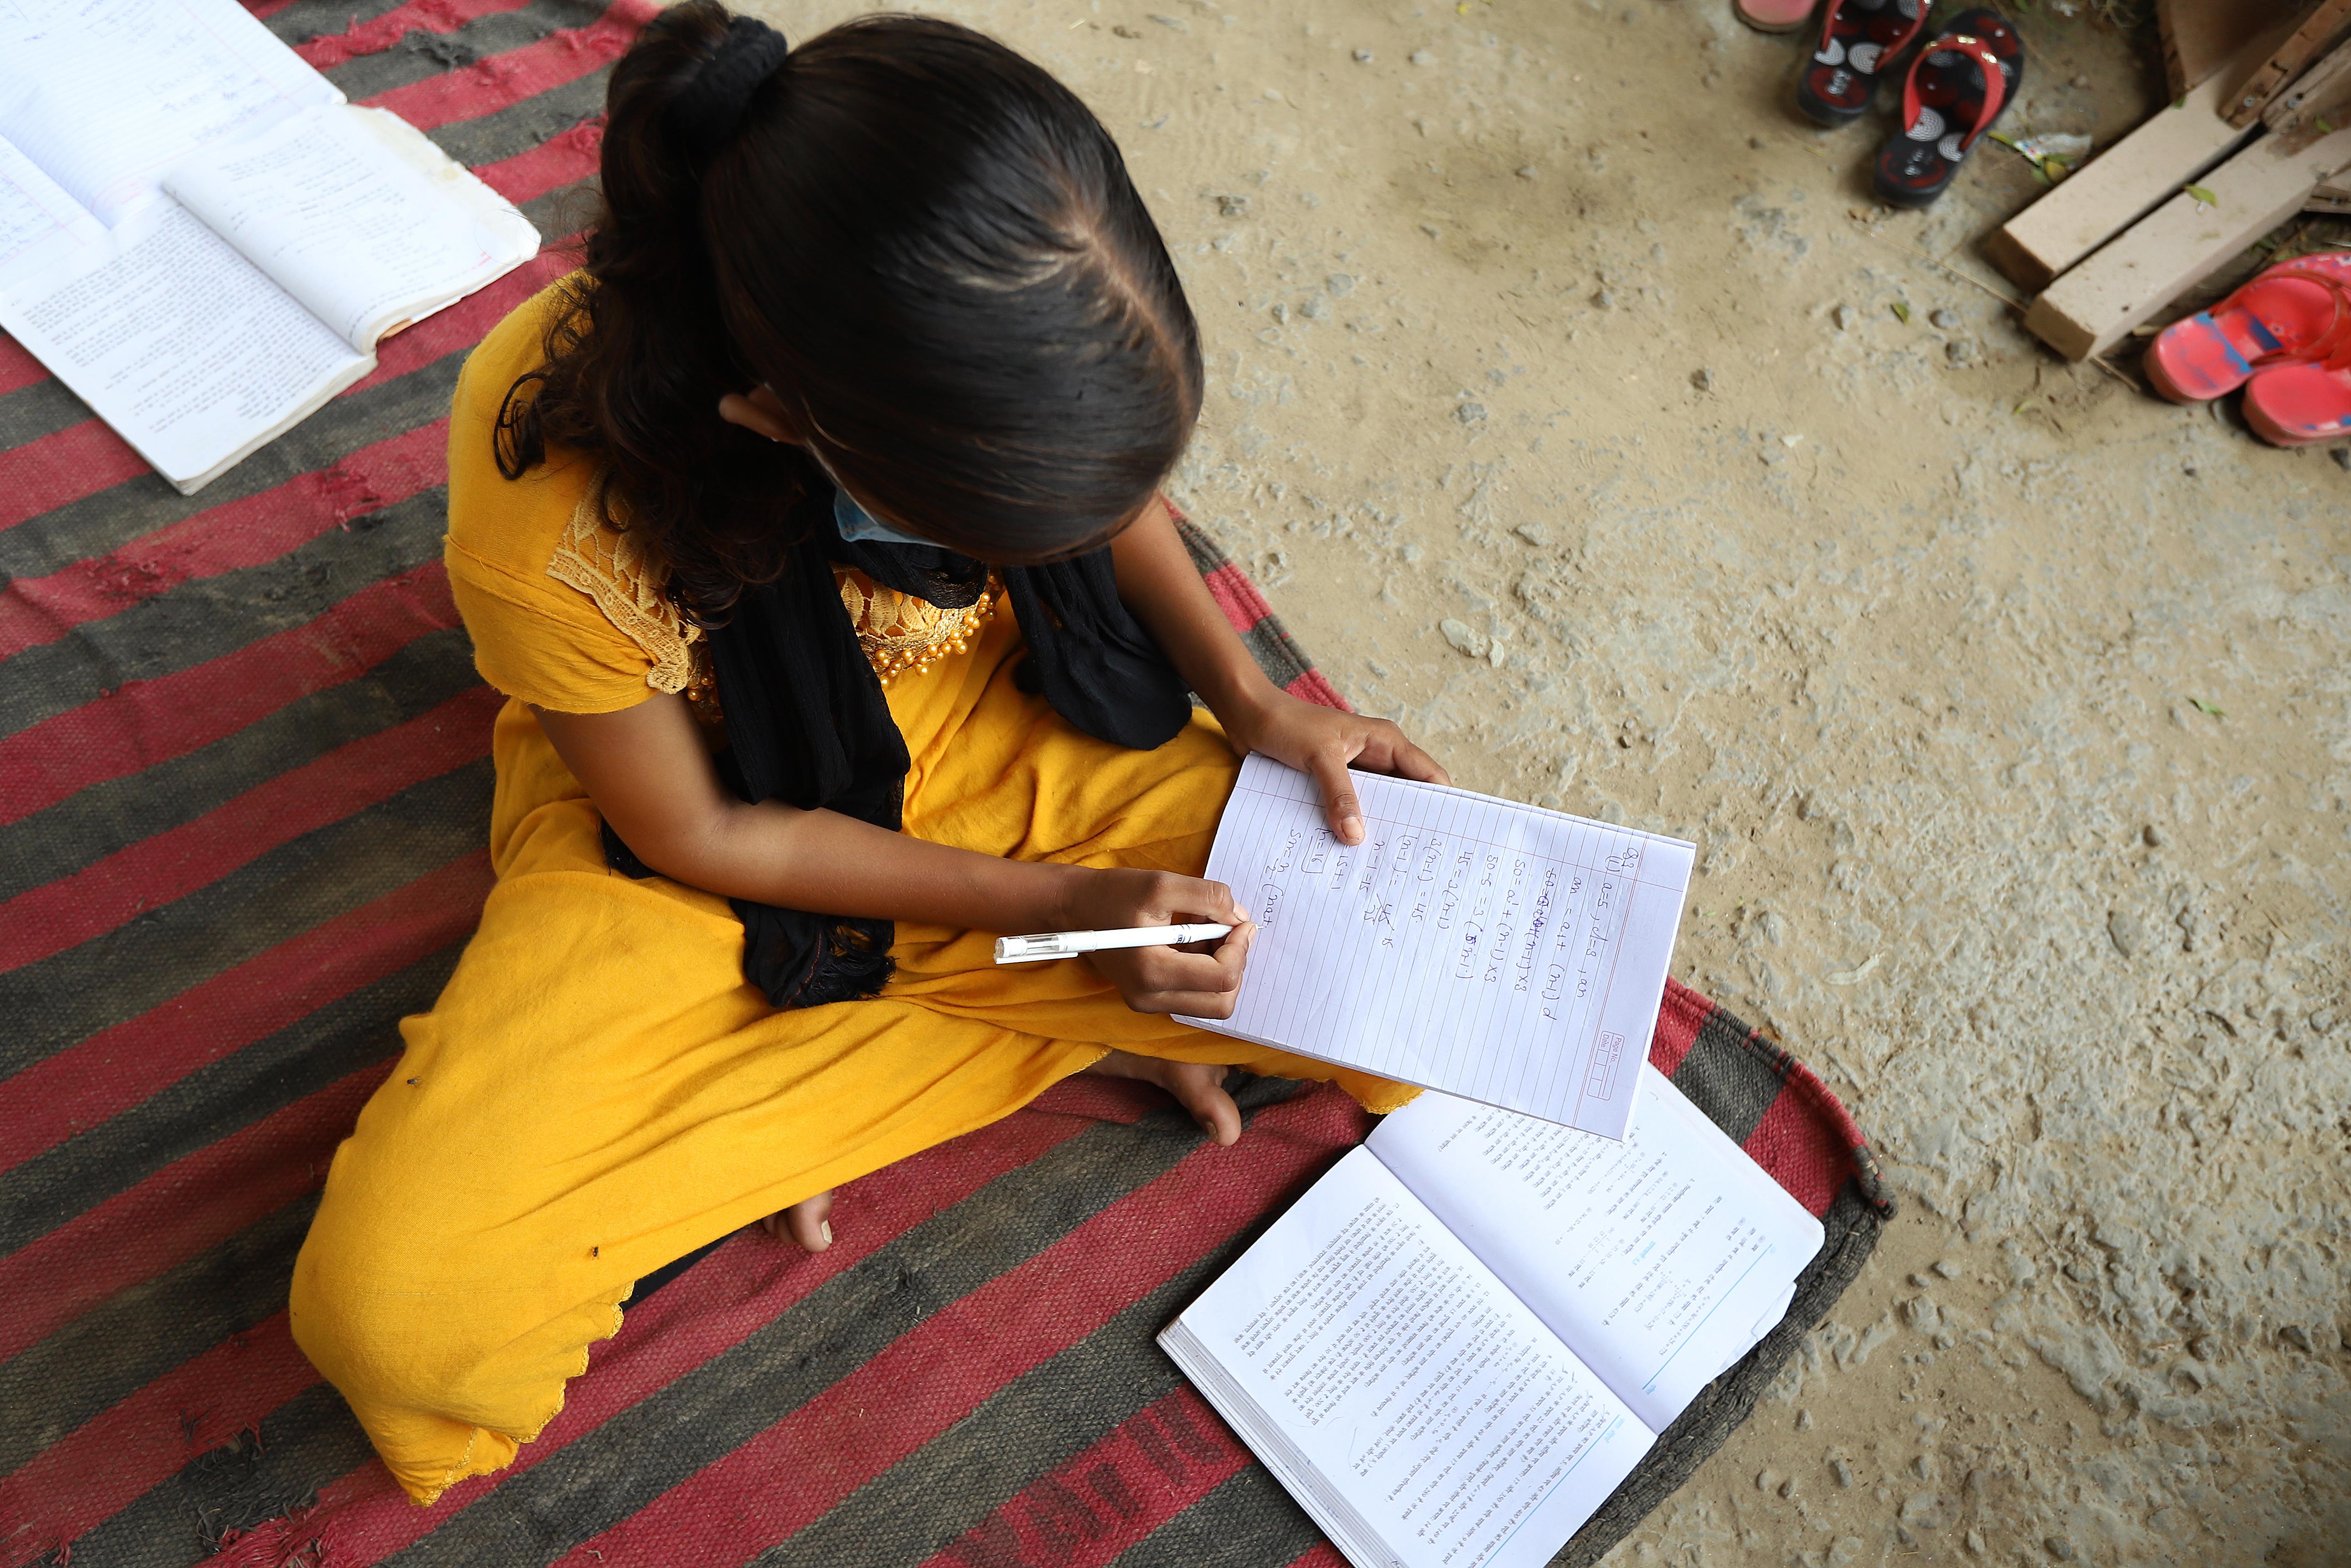 Világszerte gyerekek millióinak életesélyeit teszi tönkre a járvány